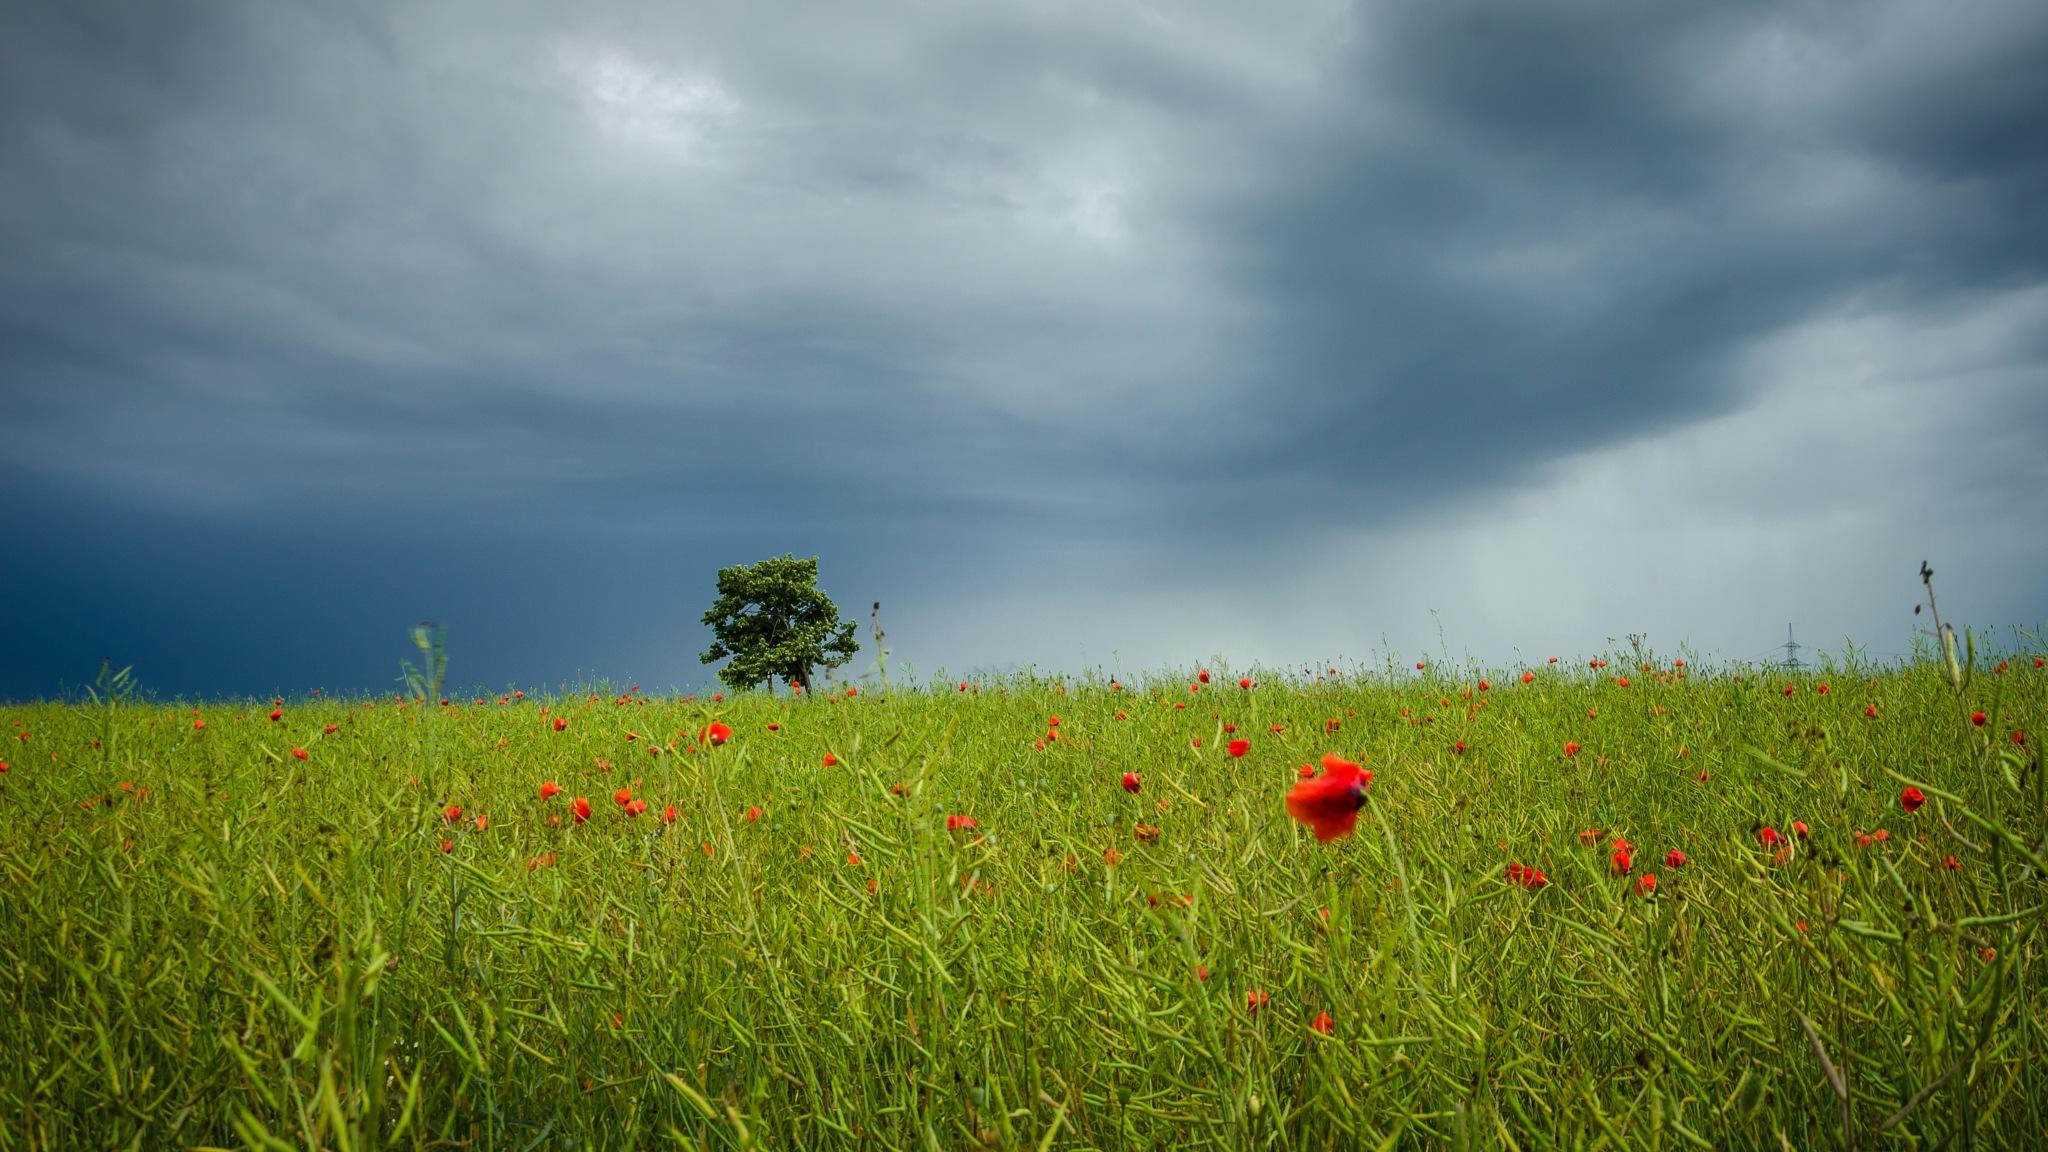 Stormy Wednesday by Nenad Milic